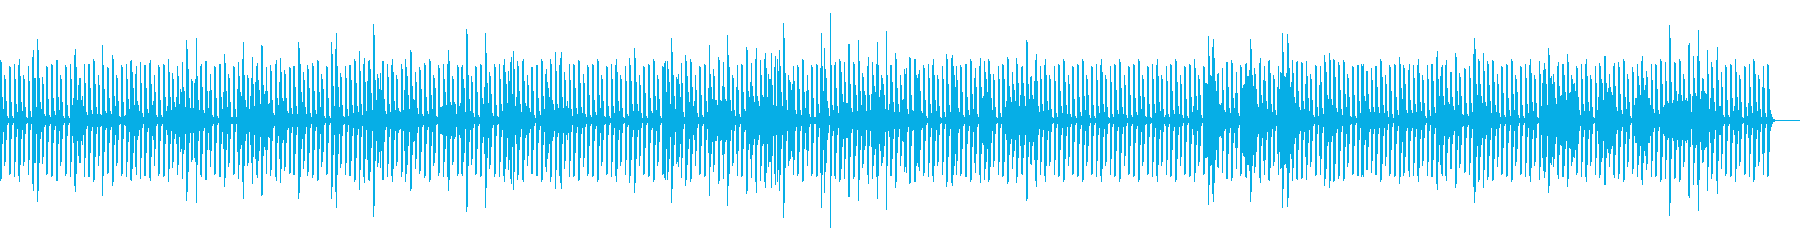 反復的なピアノのリフは、奇妙な緊張...の再生済みの波形